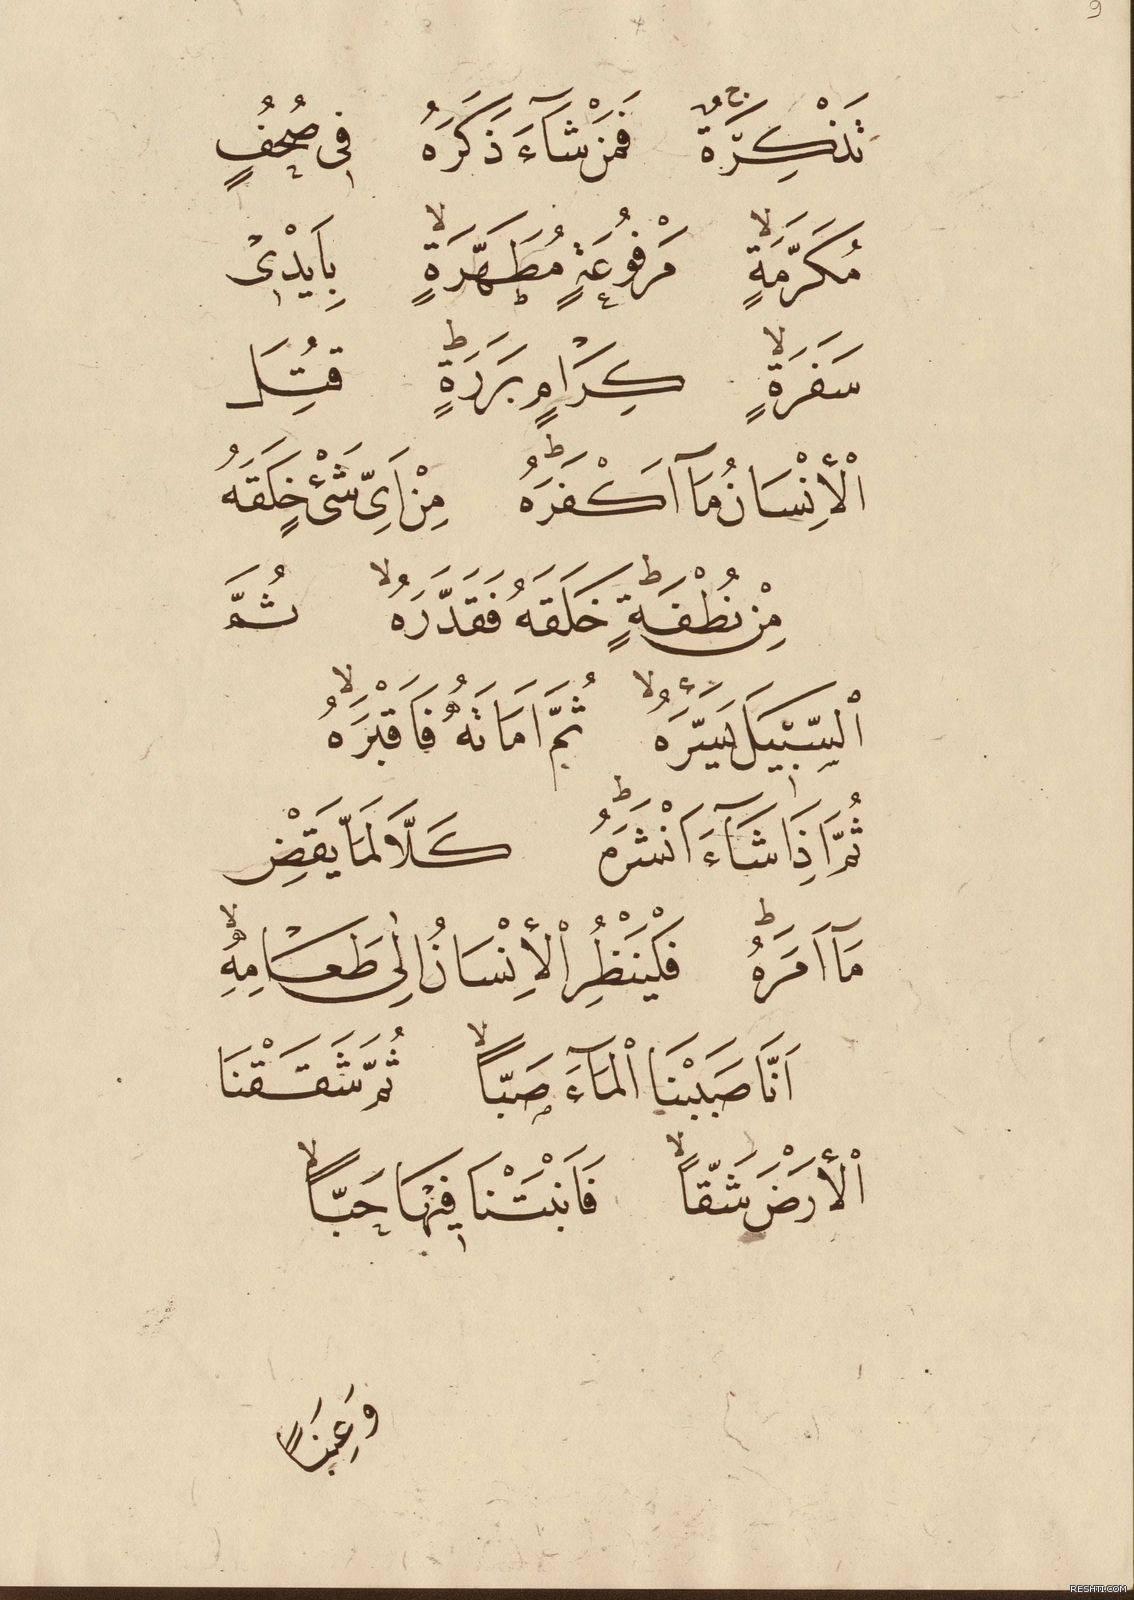 جزء عم بخط محمد شوقي 4